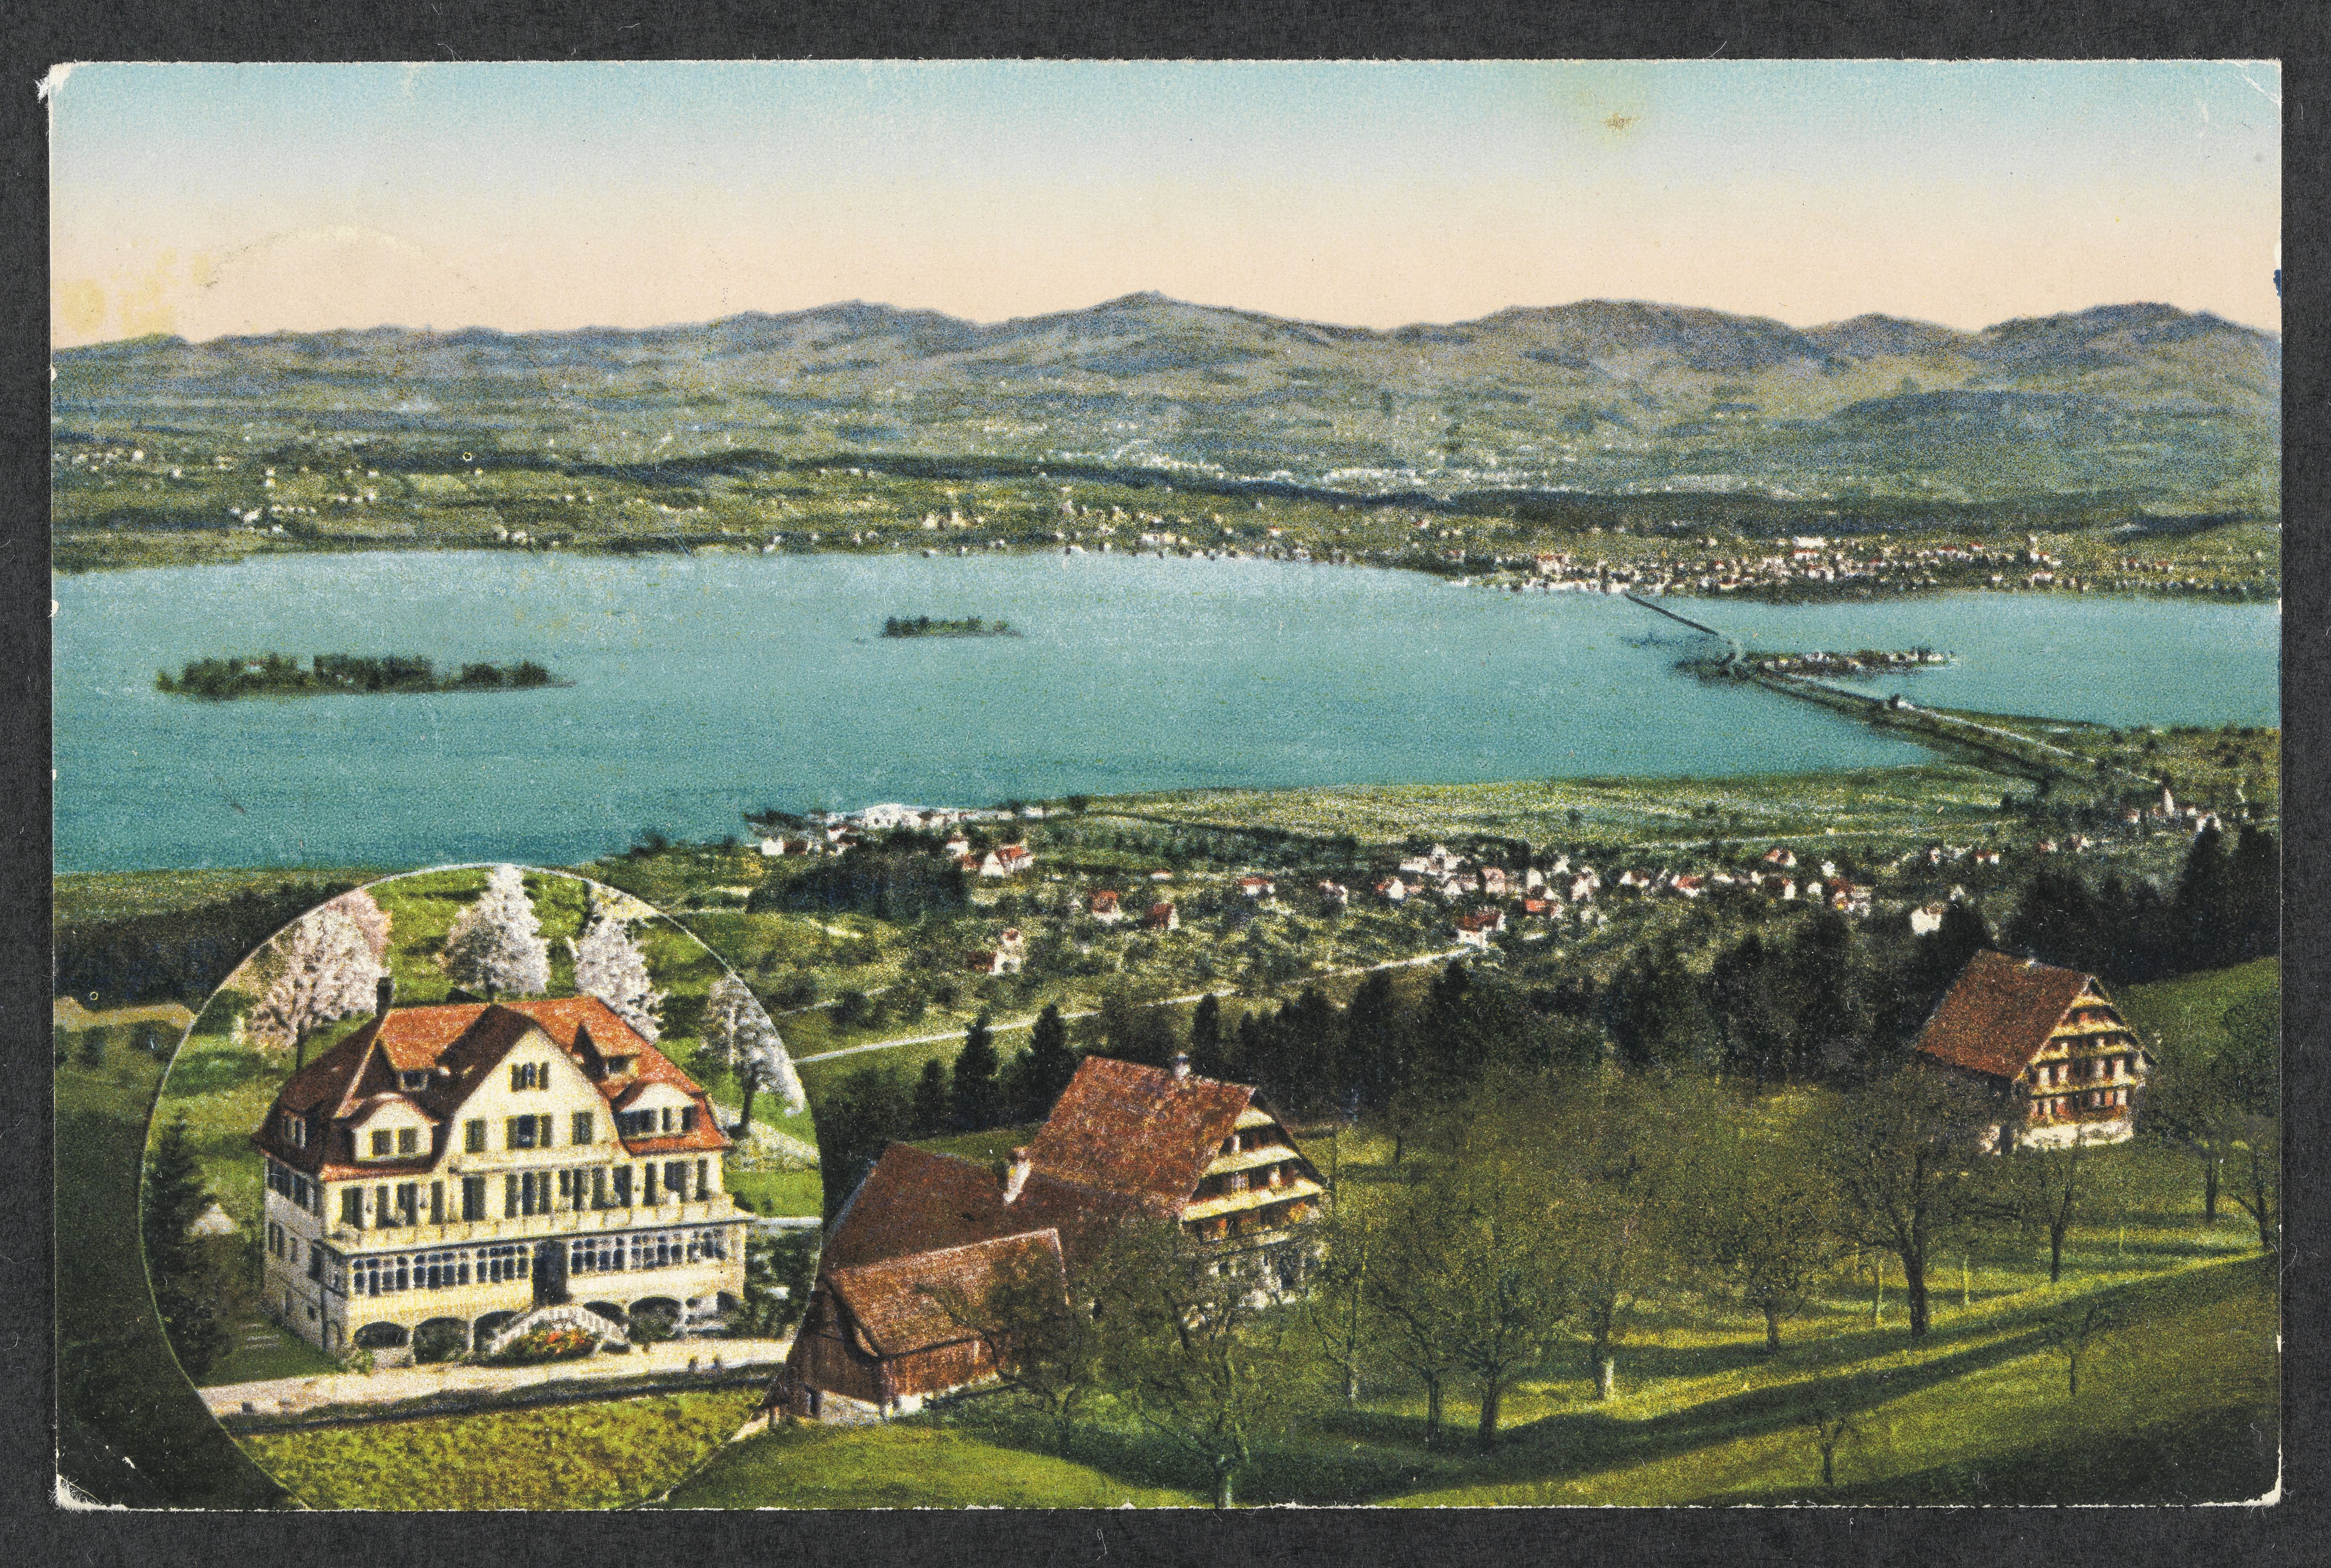 Erholung mit schöner Aussicht muss finanzierbar sein: Postkarte aus dem Jahr 1926 vom Feusisberg. (ETH Bildarchiv)